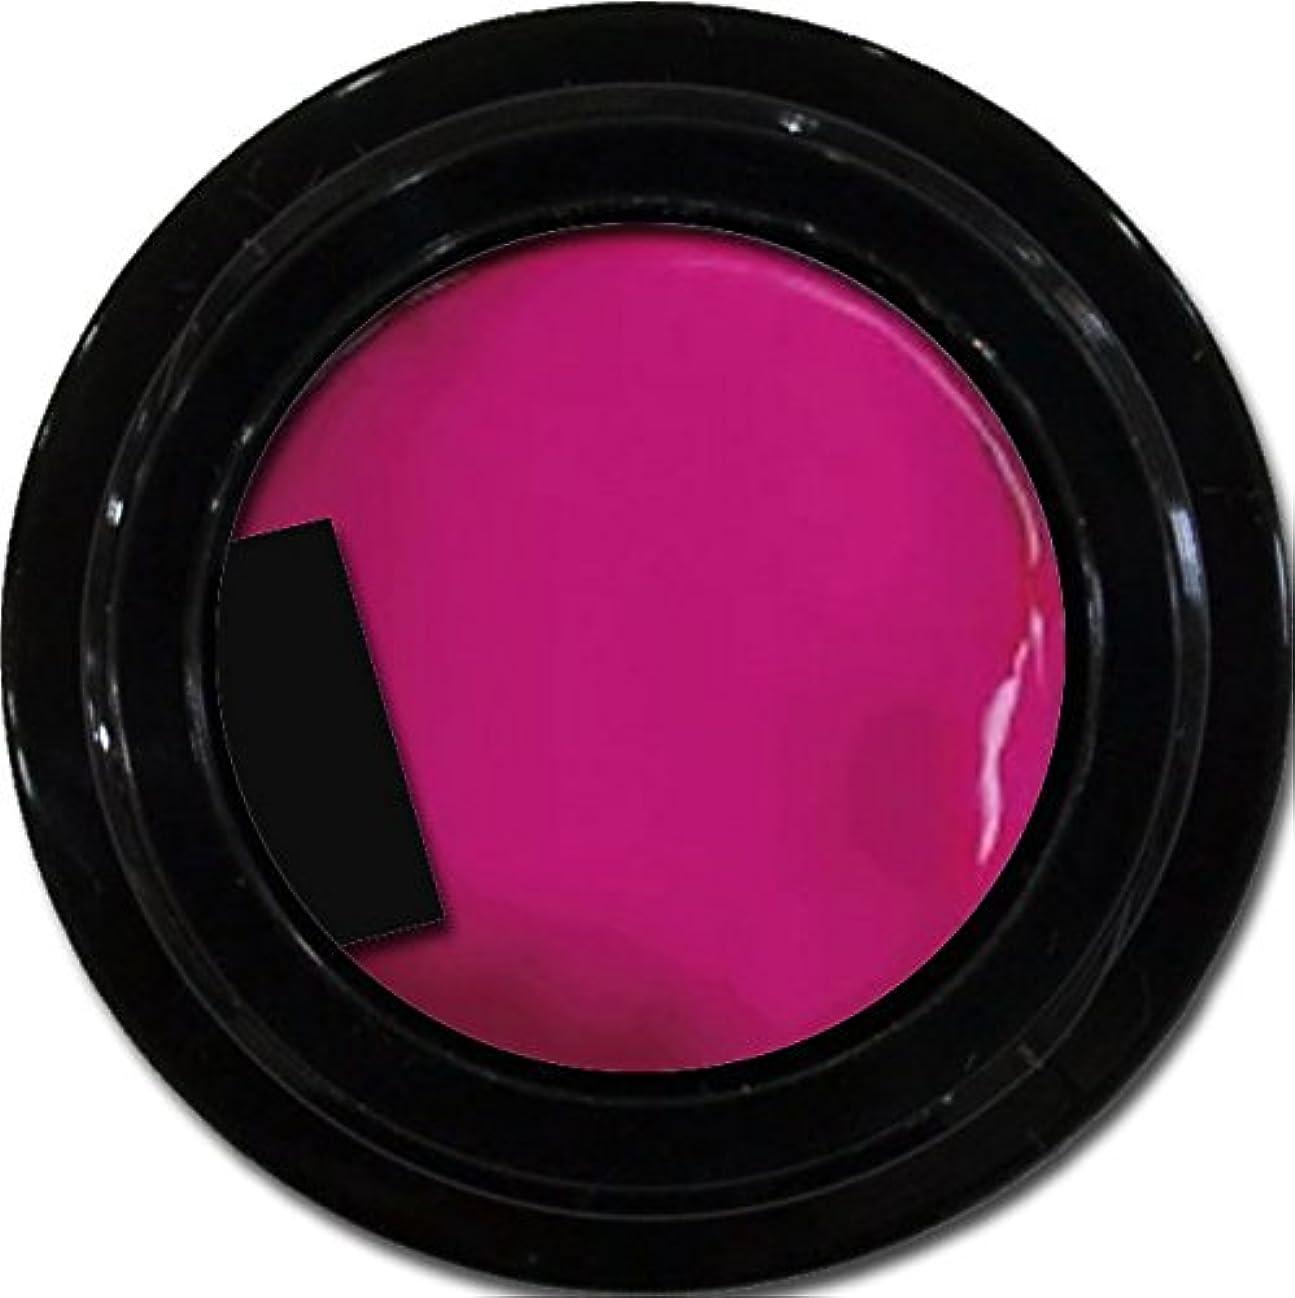 スキップ広々とした同級生カラージェル enchant color gel M214 NeoPink 3g/ マットカラージェル M214 ネオピンク 3グラム